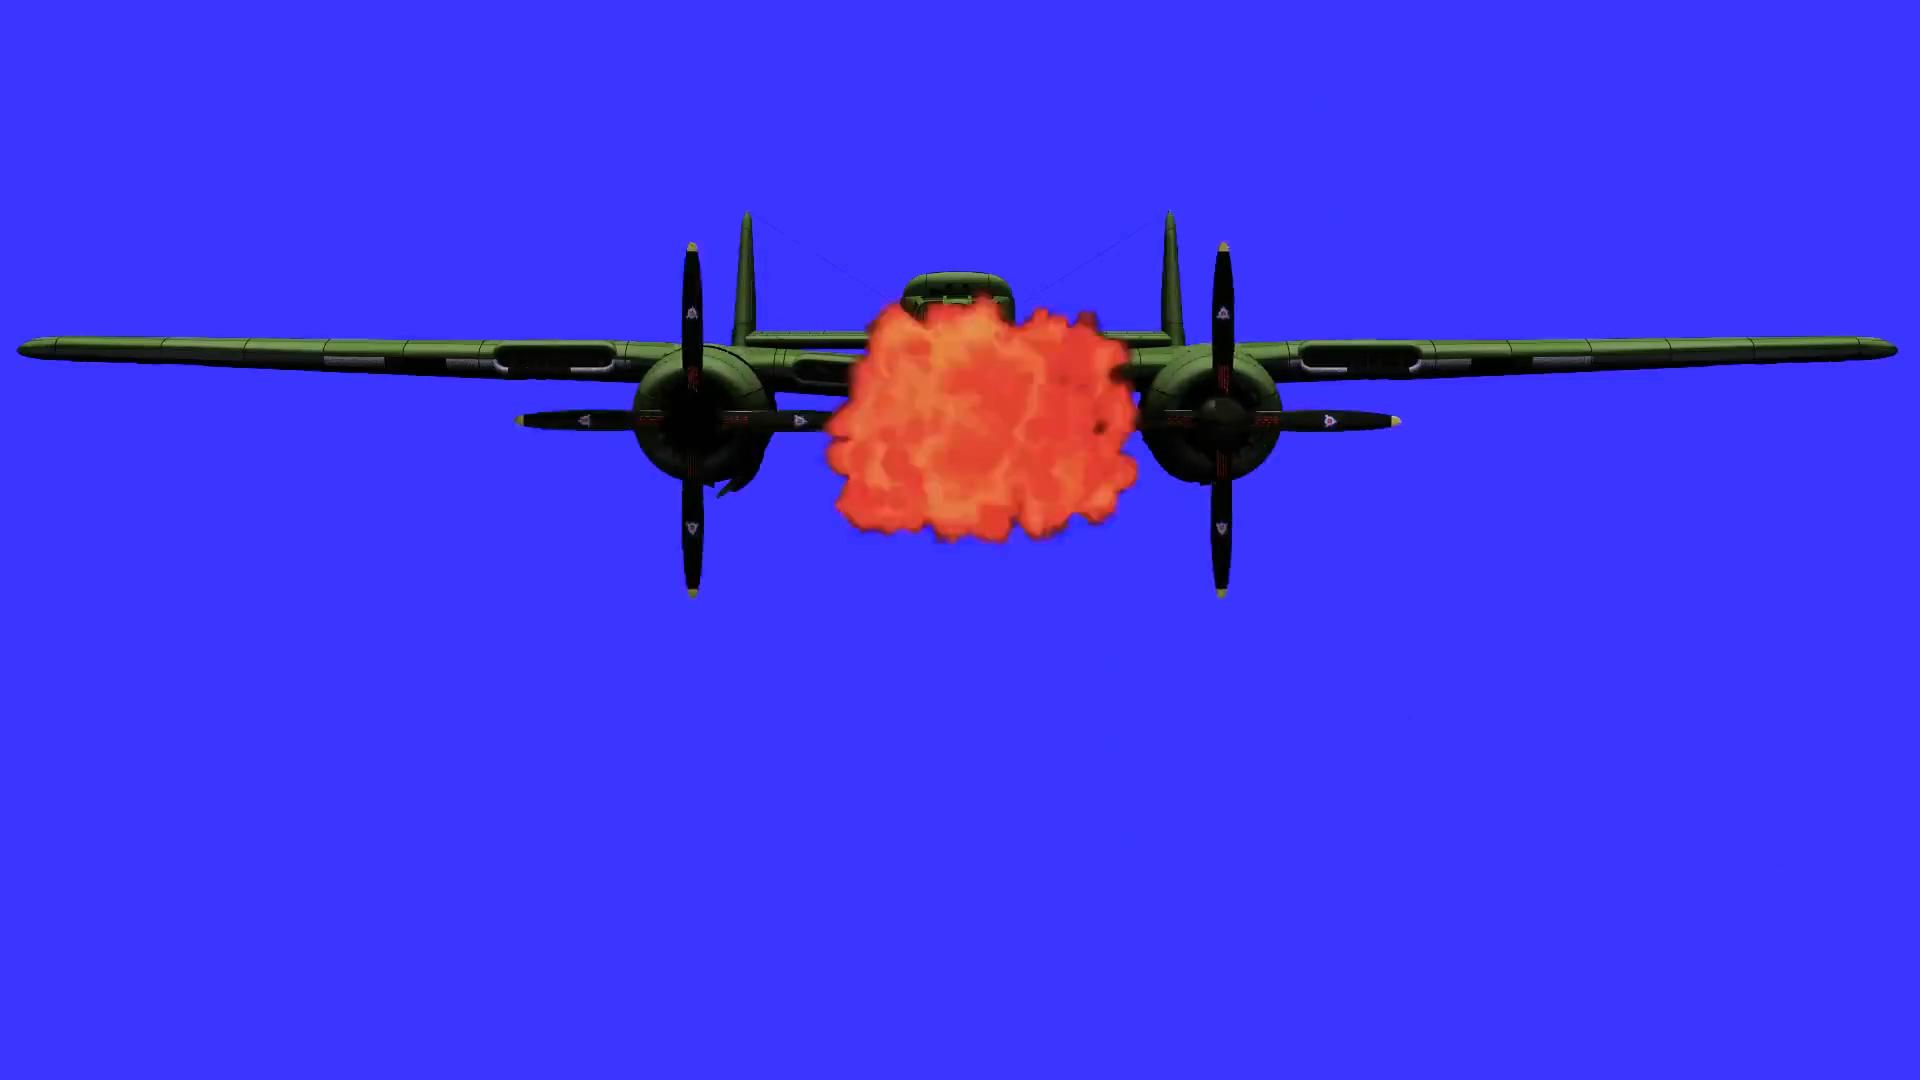 蓝屏扣像爆炸的飞机